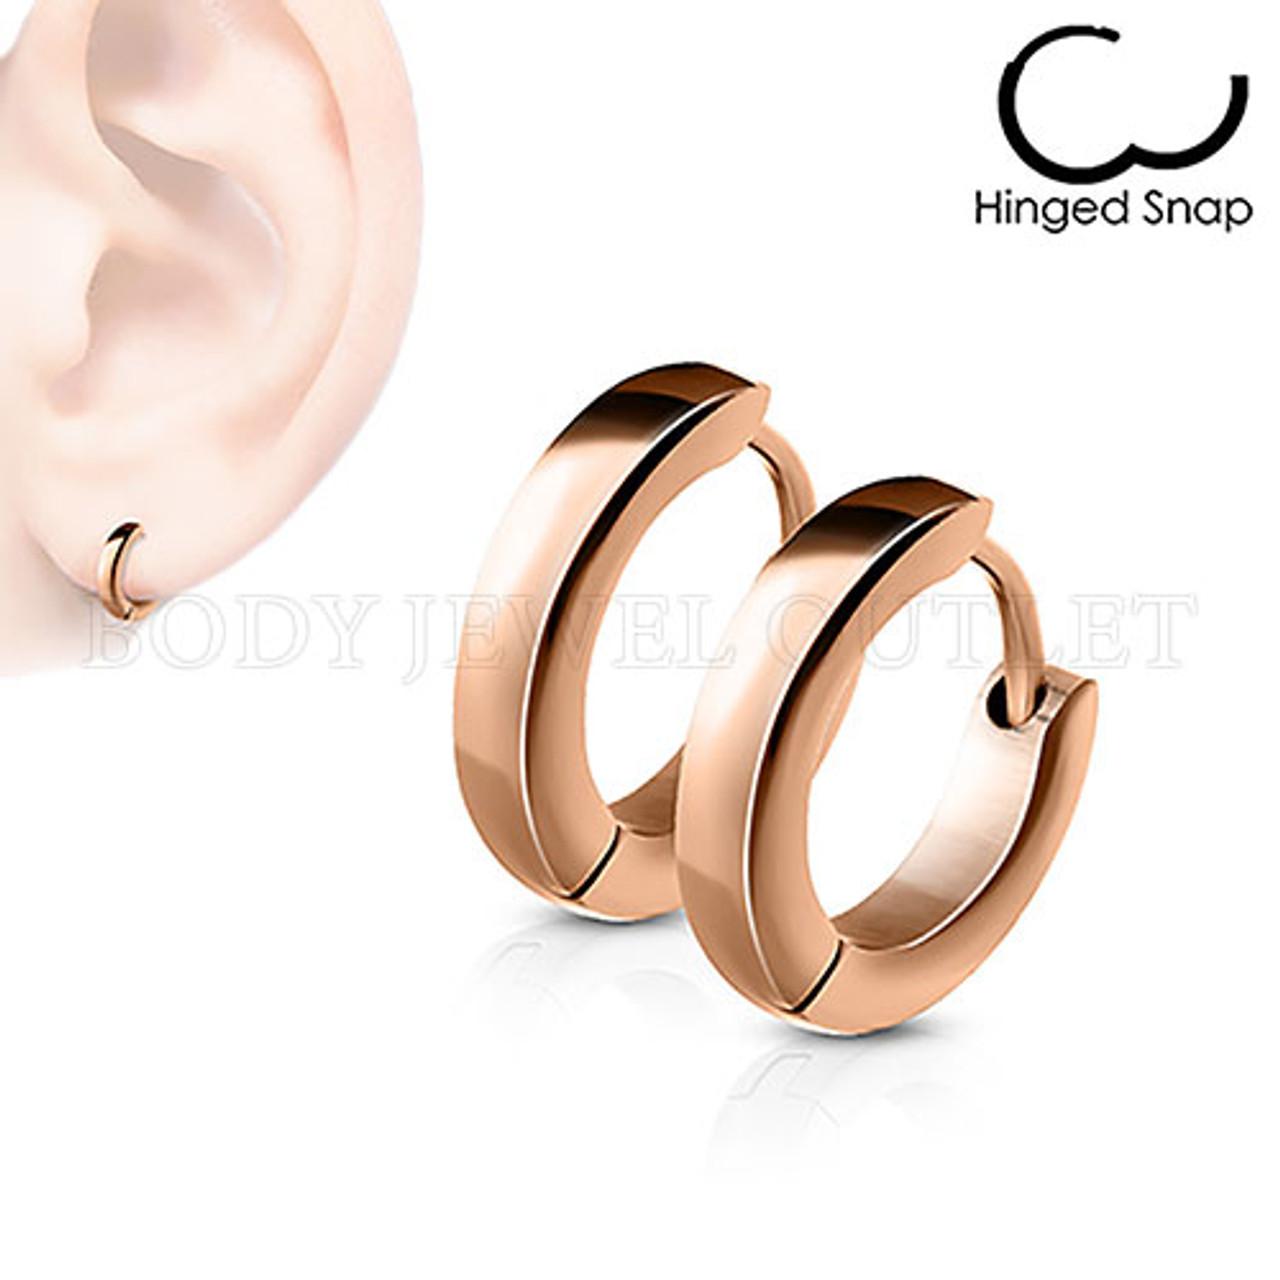 Plain Rose Gold IP Thin 2.5mm Wide - 316L Stainless Steel Hoop/Huggie Earrings - Pair (2 Pieces)